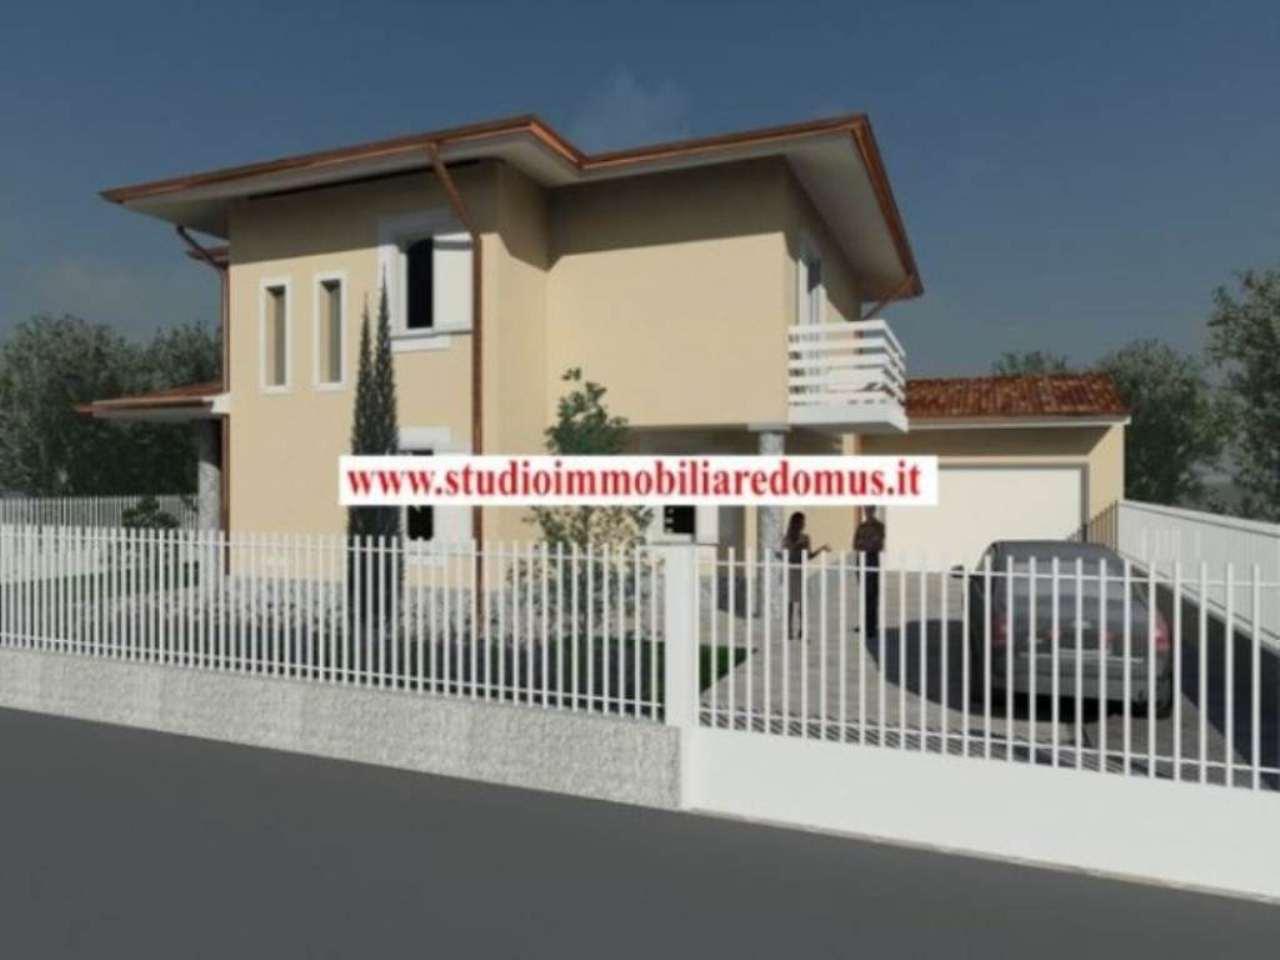 Villa in vendita a Lodi, 5 locali, prezzo € 560.000 | Cambio Casa.it